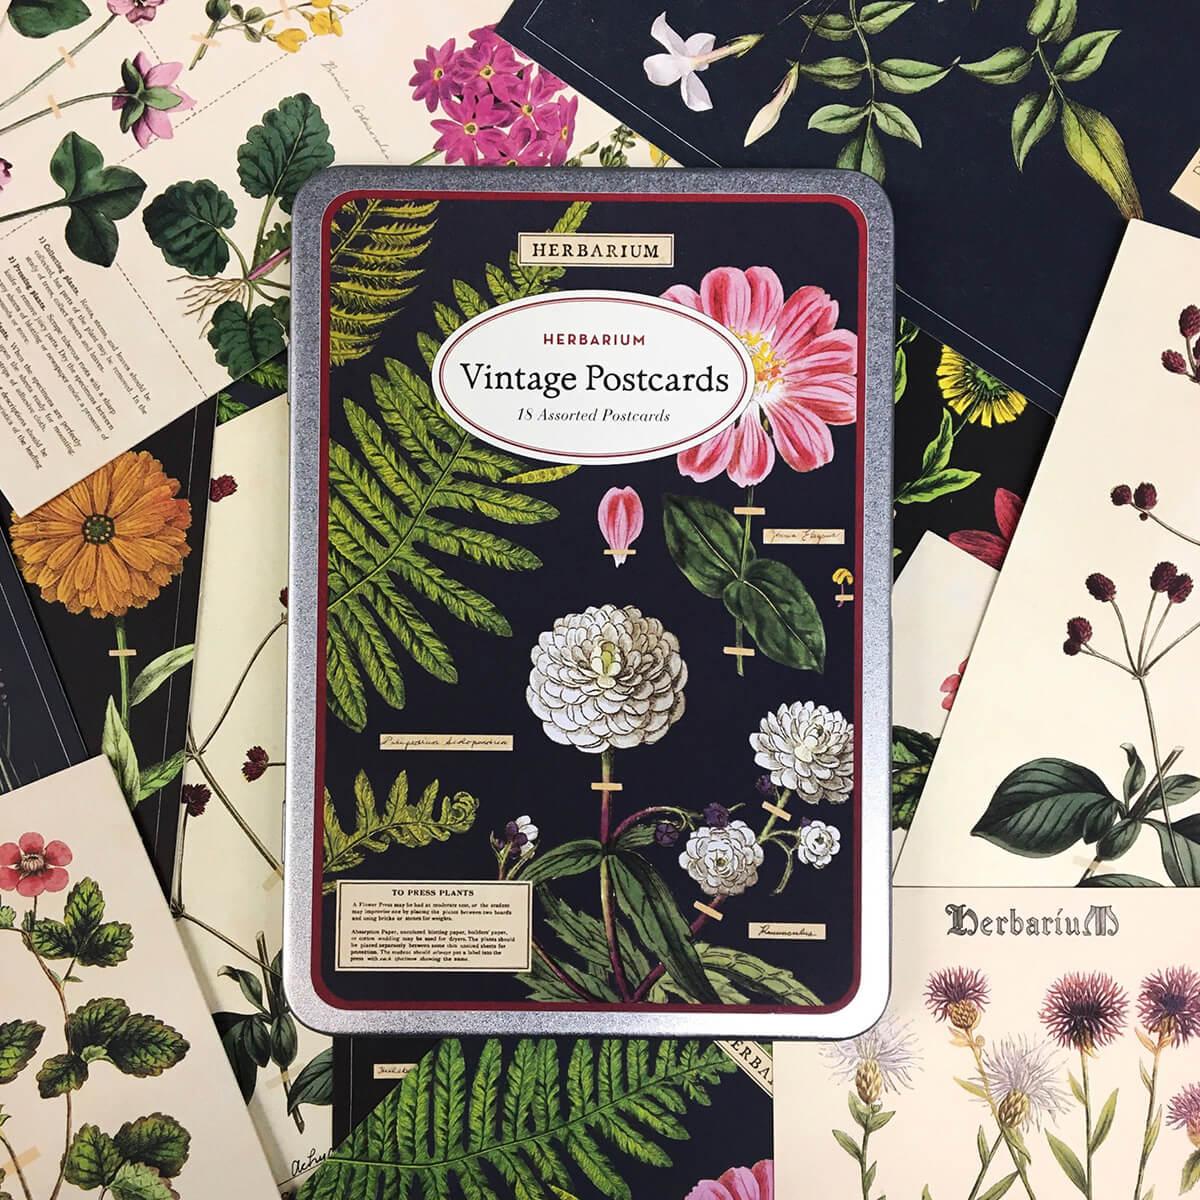 PRÉ-VENDA LINHA SPECIALS Postais Vintage Herbarium (LEIA A DESCRIÇÃO)